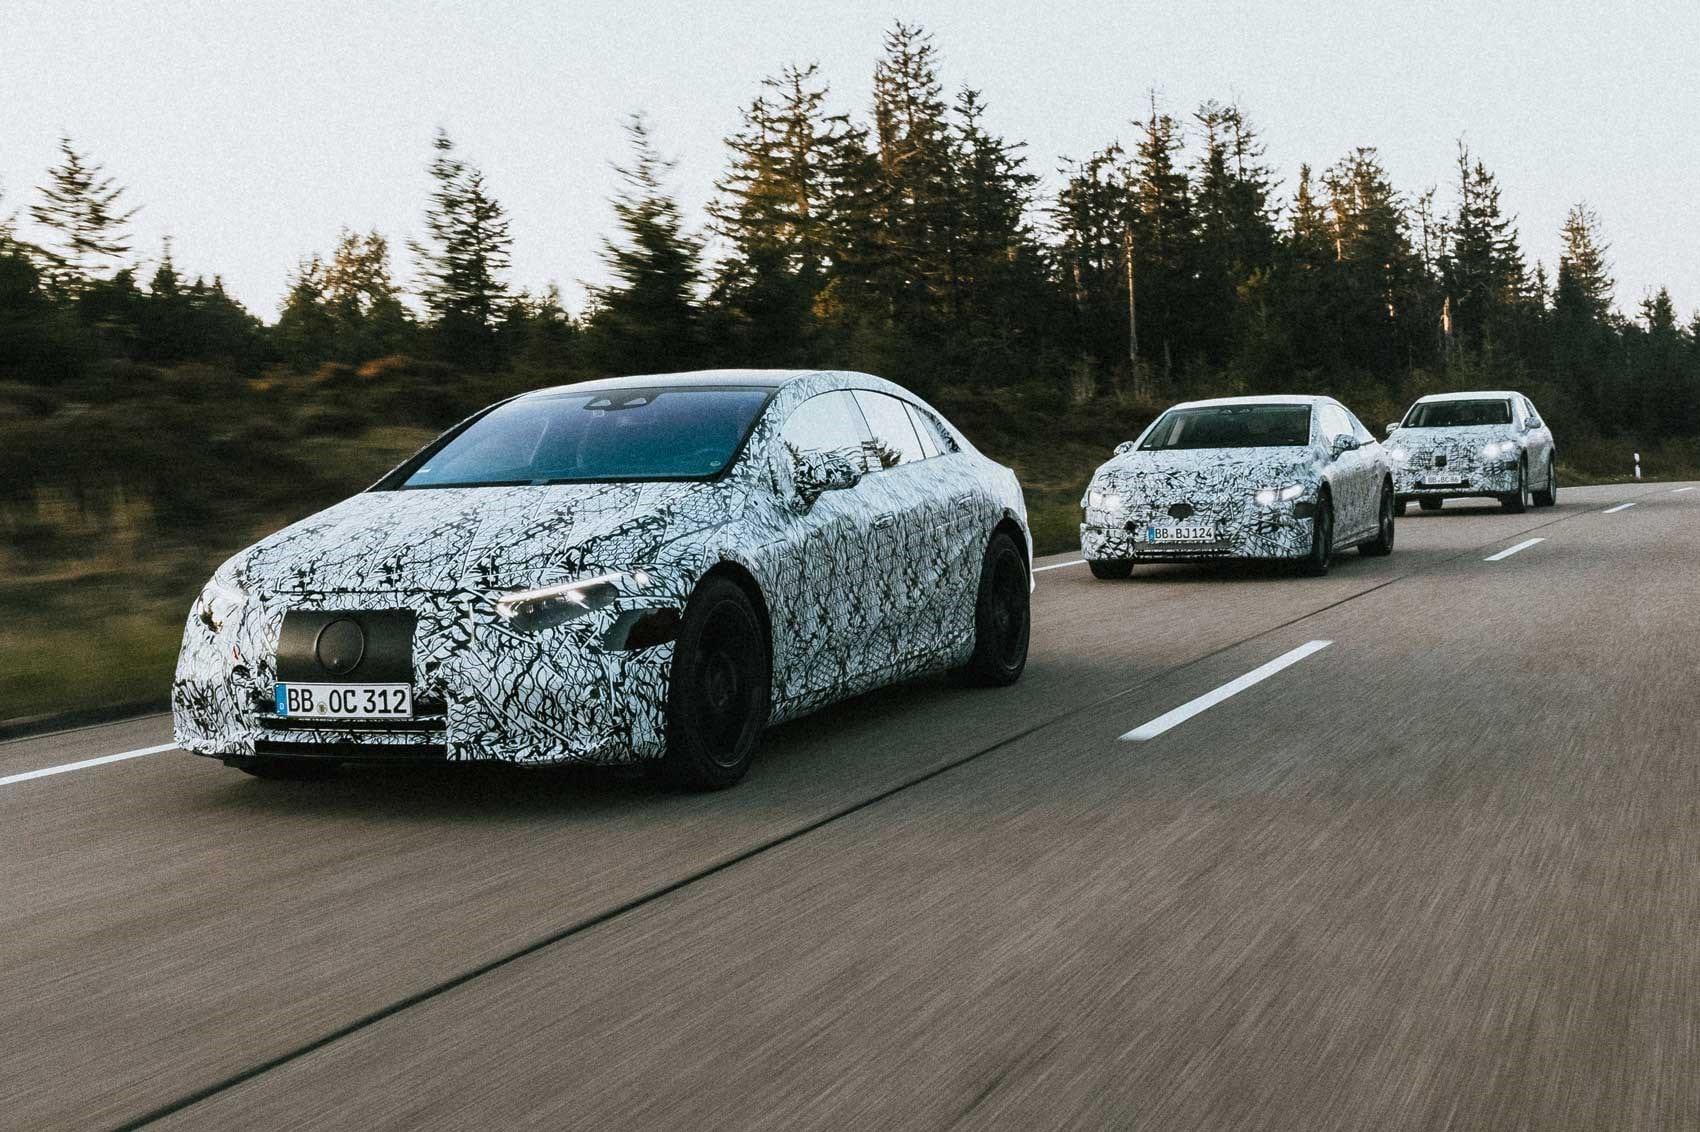 Mercedes vuole presentare un SUV elettrico ad alte prestazioni, sarà l'erede della Classe R